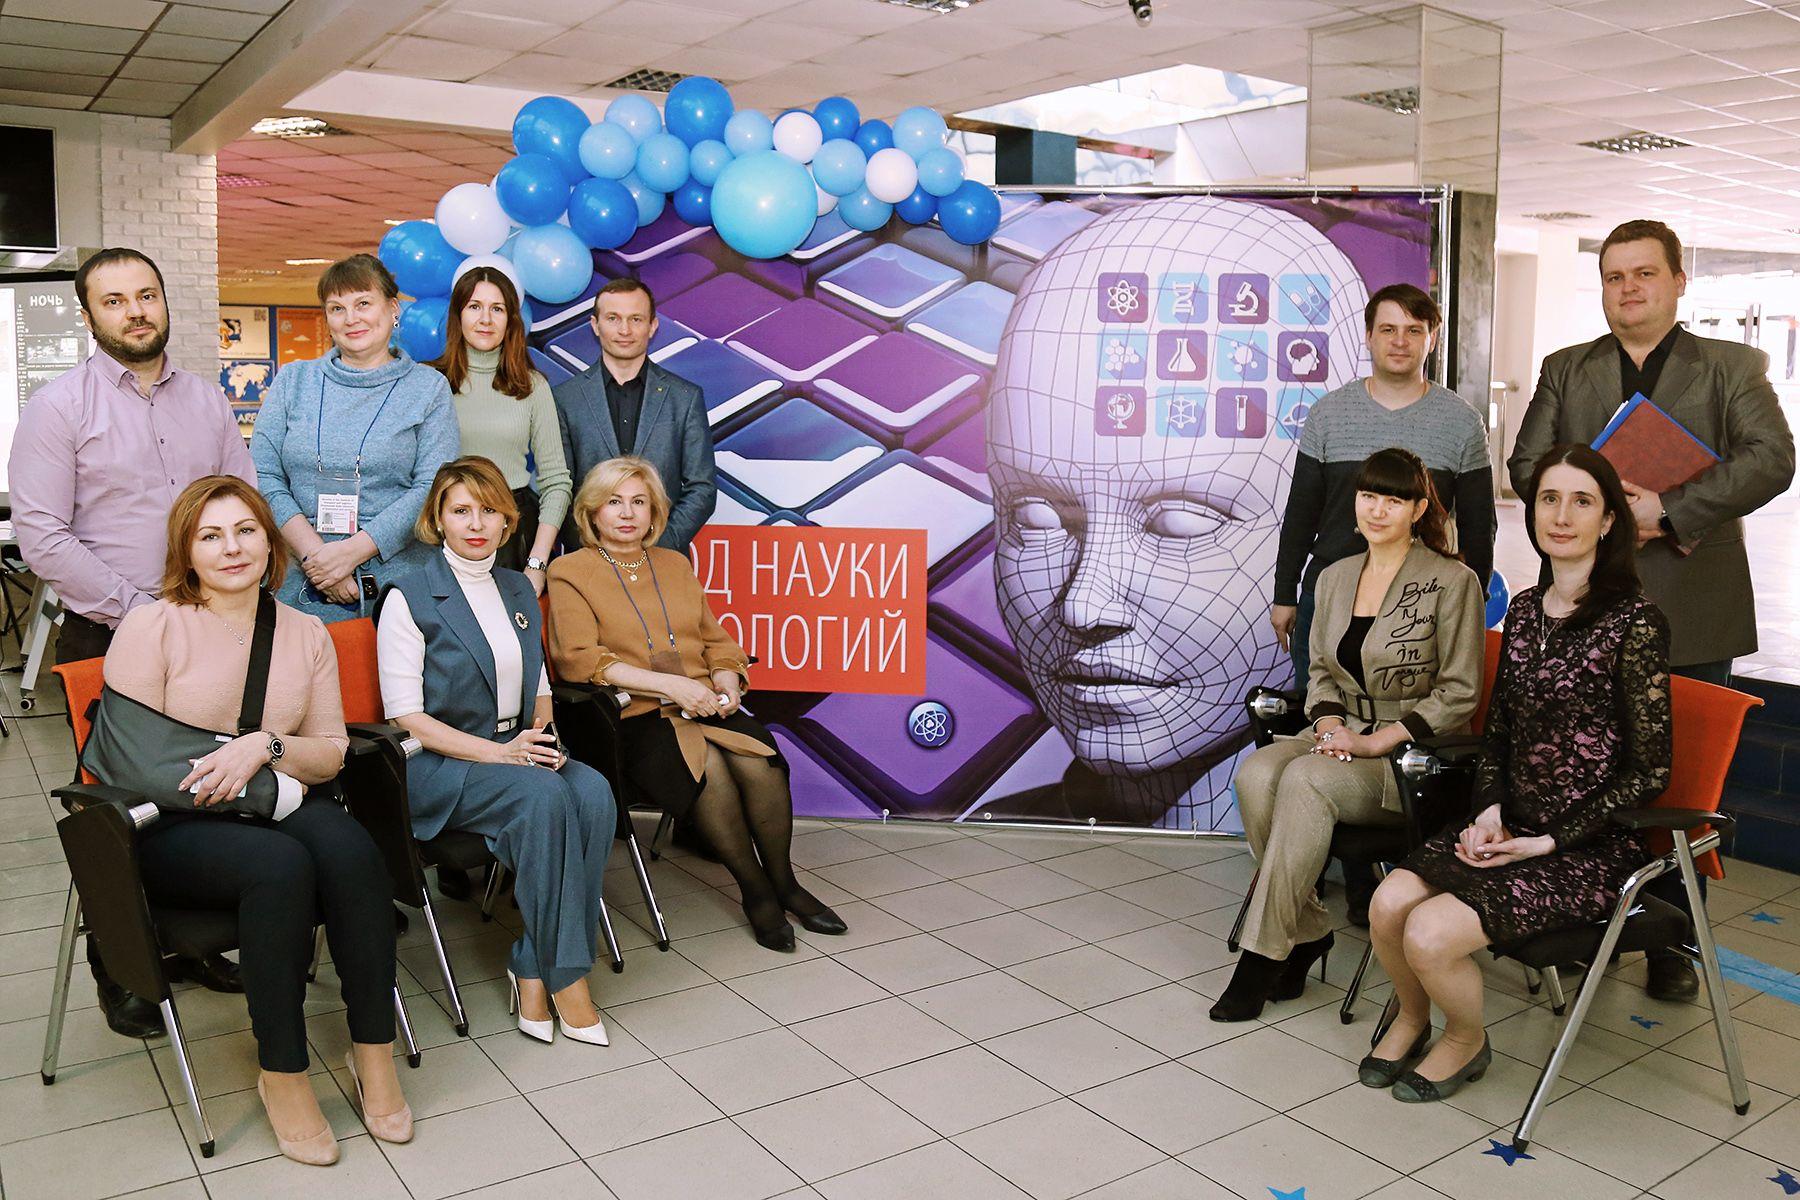 Глобализация, интеграция, междисциплинарность: научные тренды и итоги года обсудили на конференции во ВГУЭС, посвященной Дню российской науки